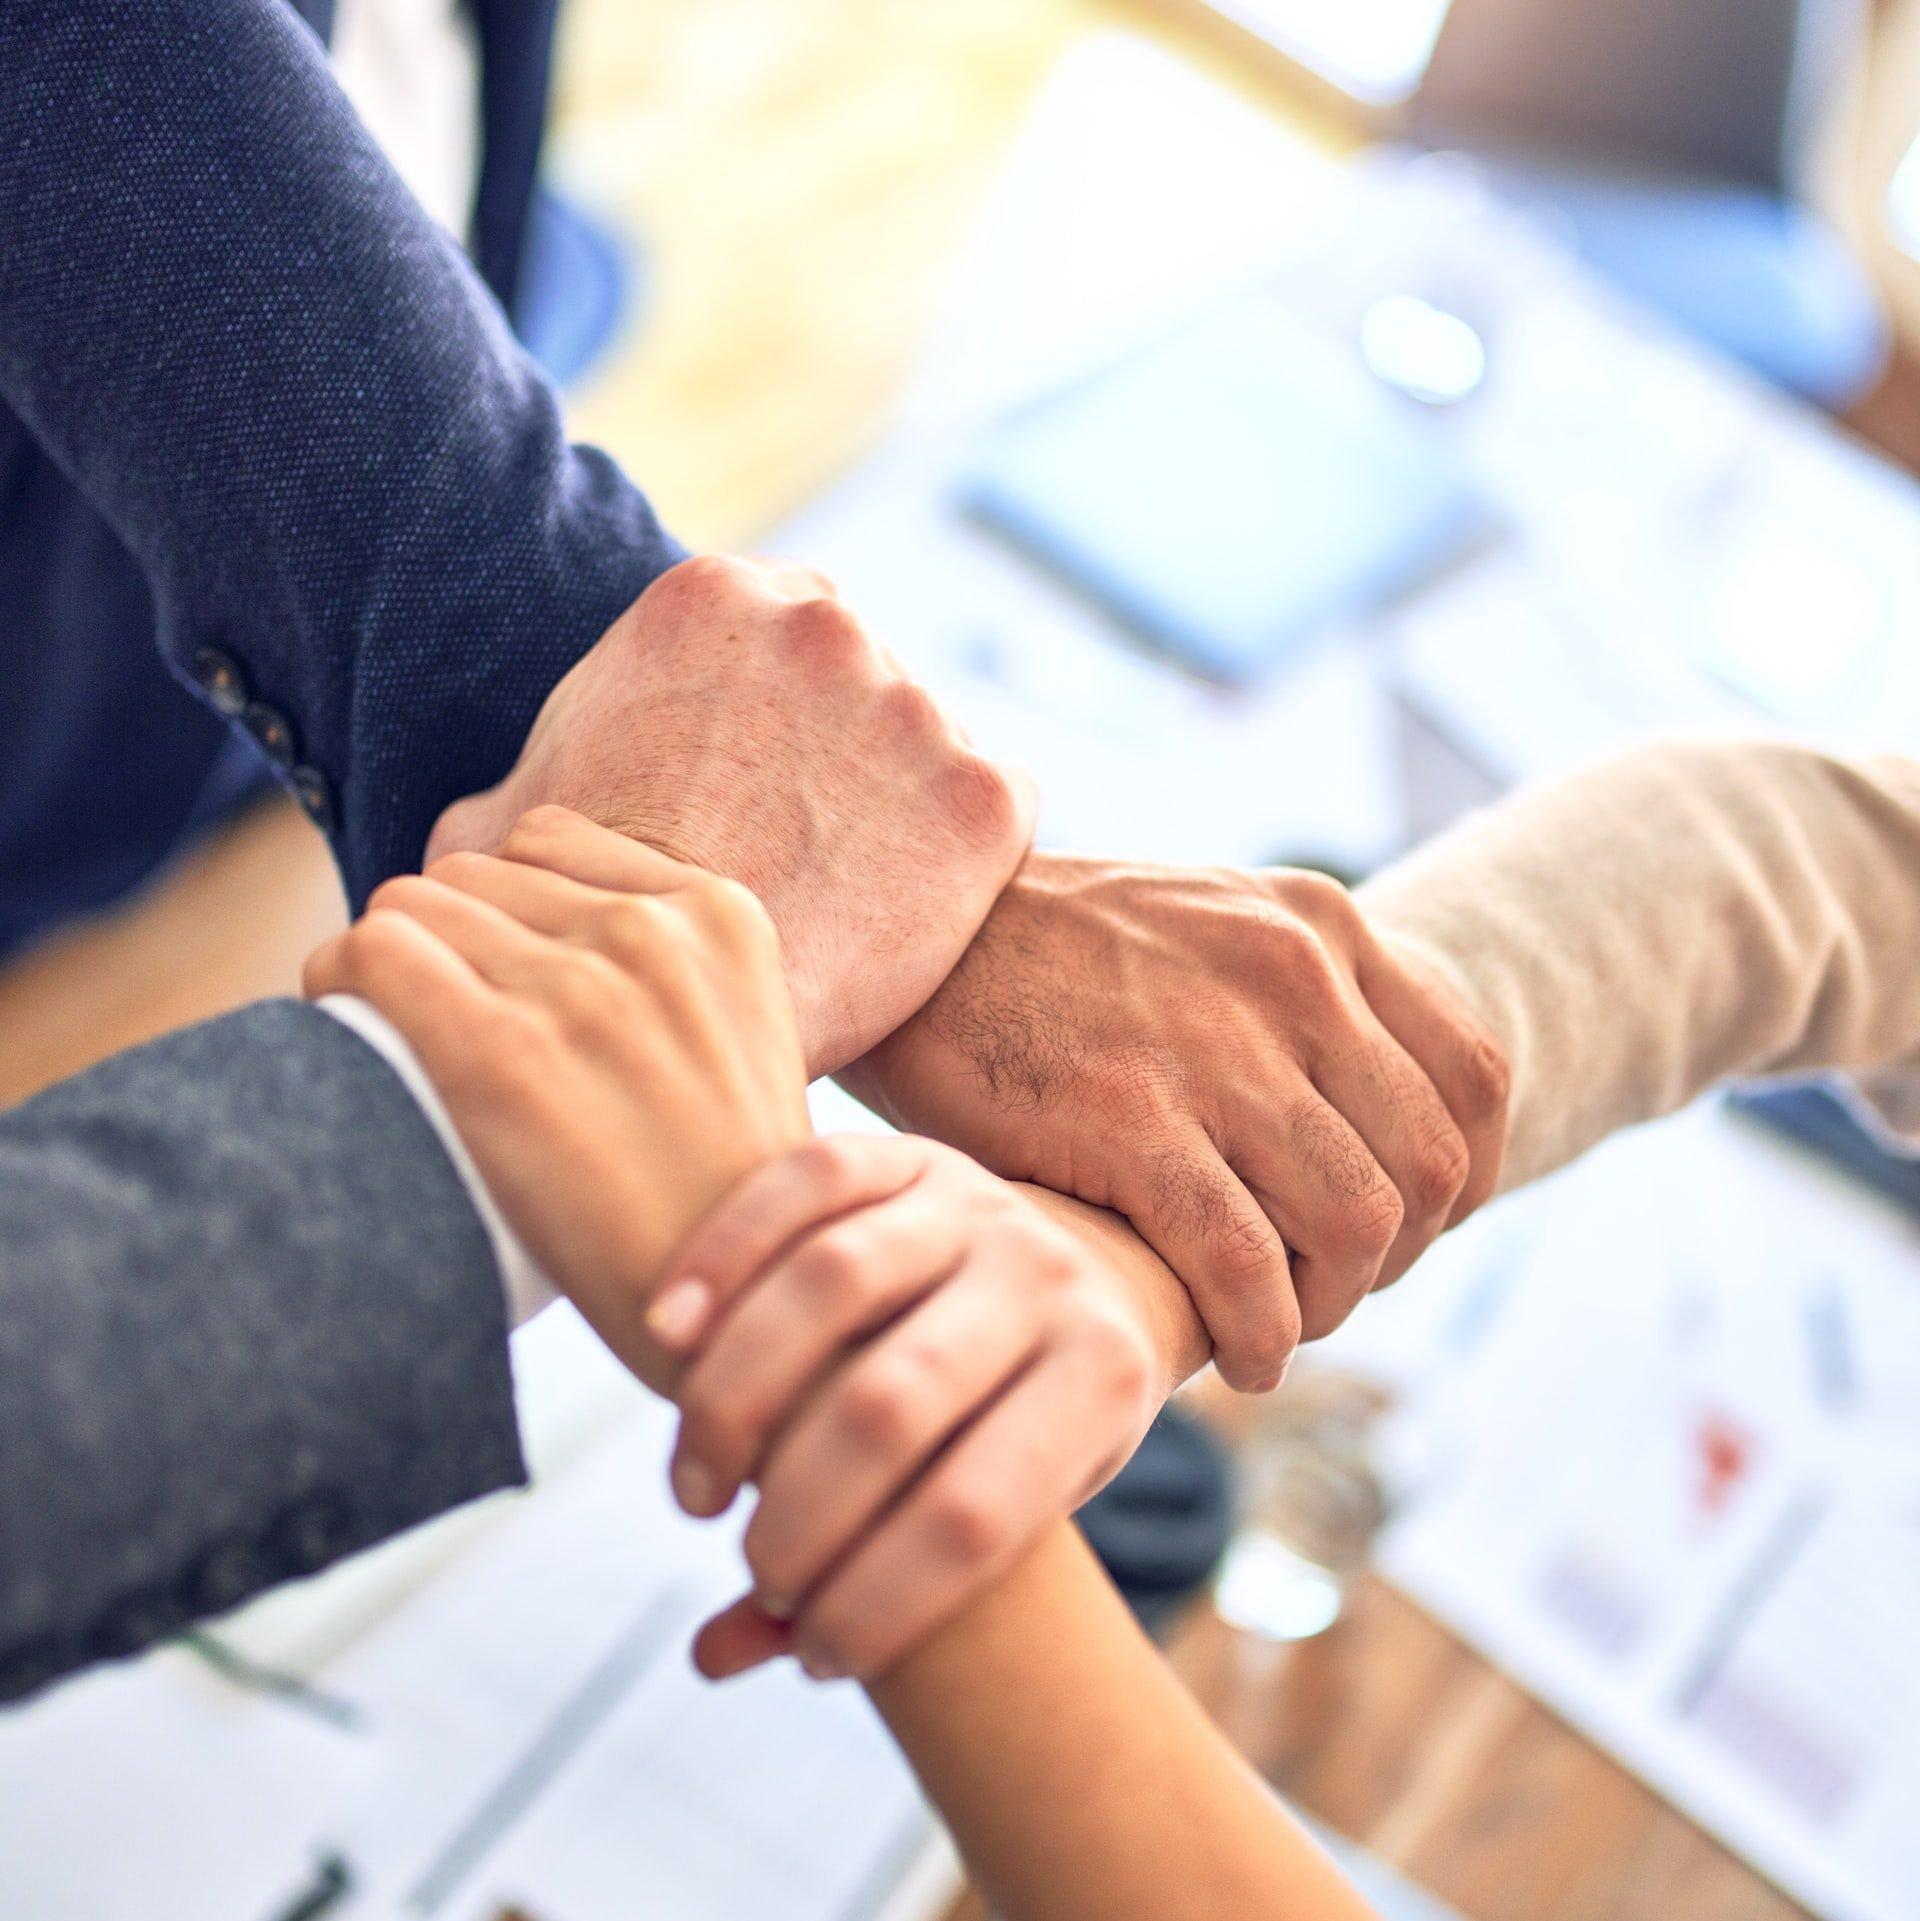 Por qué es importante el trabajo en equipo y la colaboración